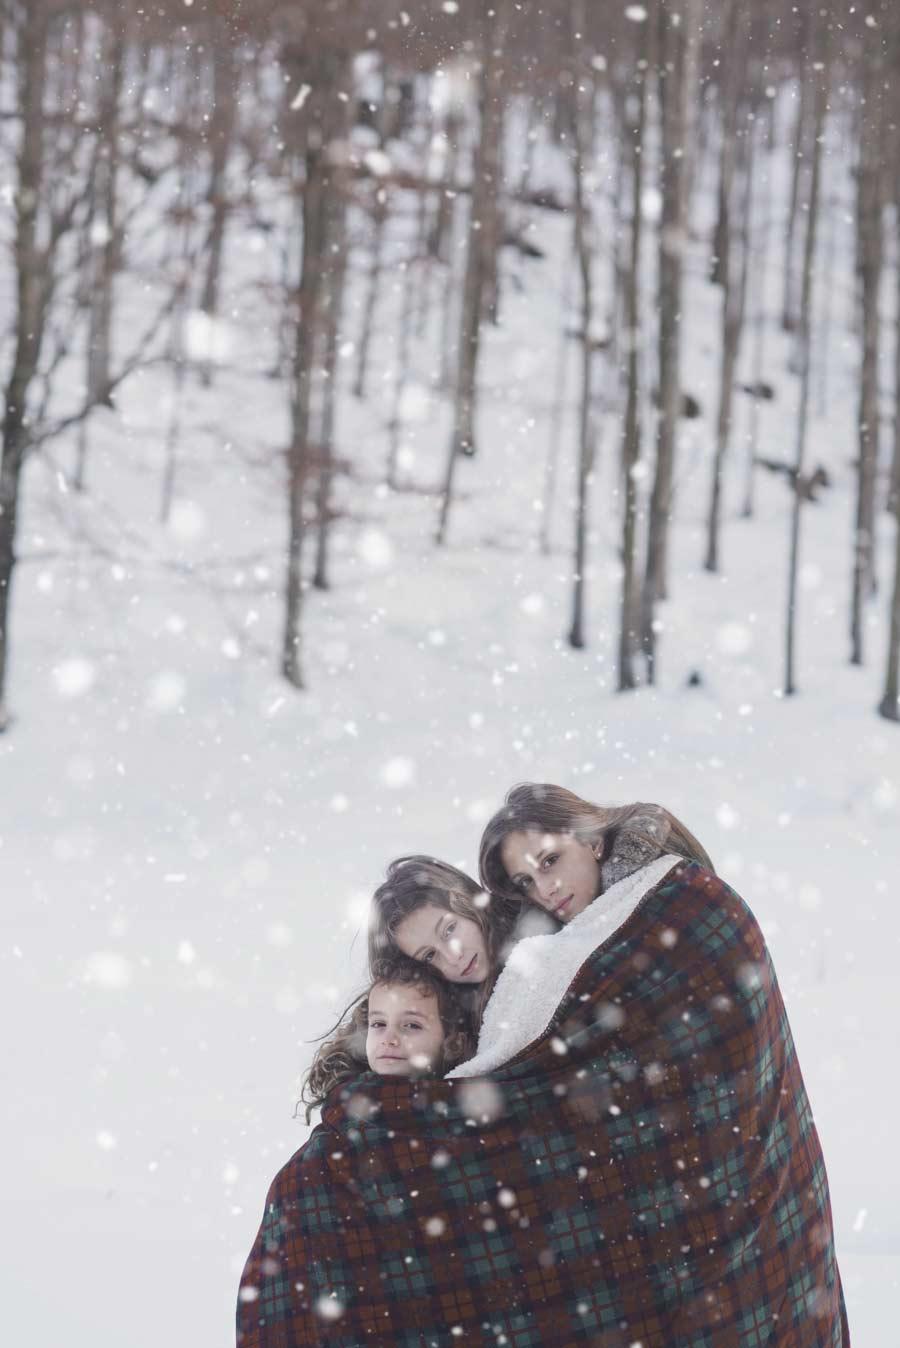 foto bambine sulla neve gabriele zani nevicata fiocchi di neve